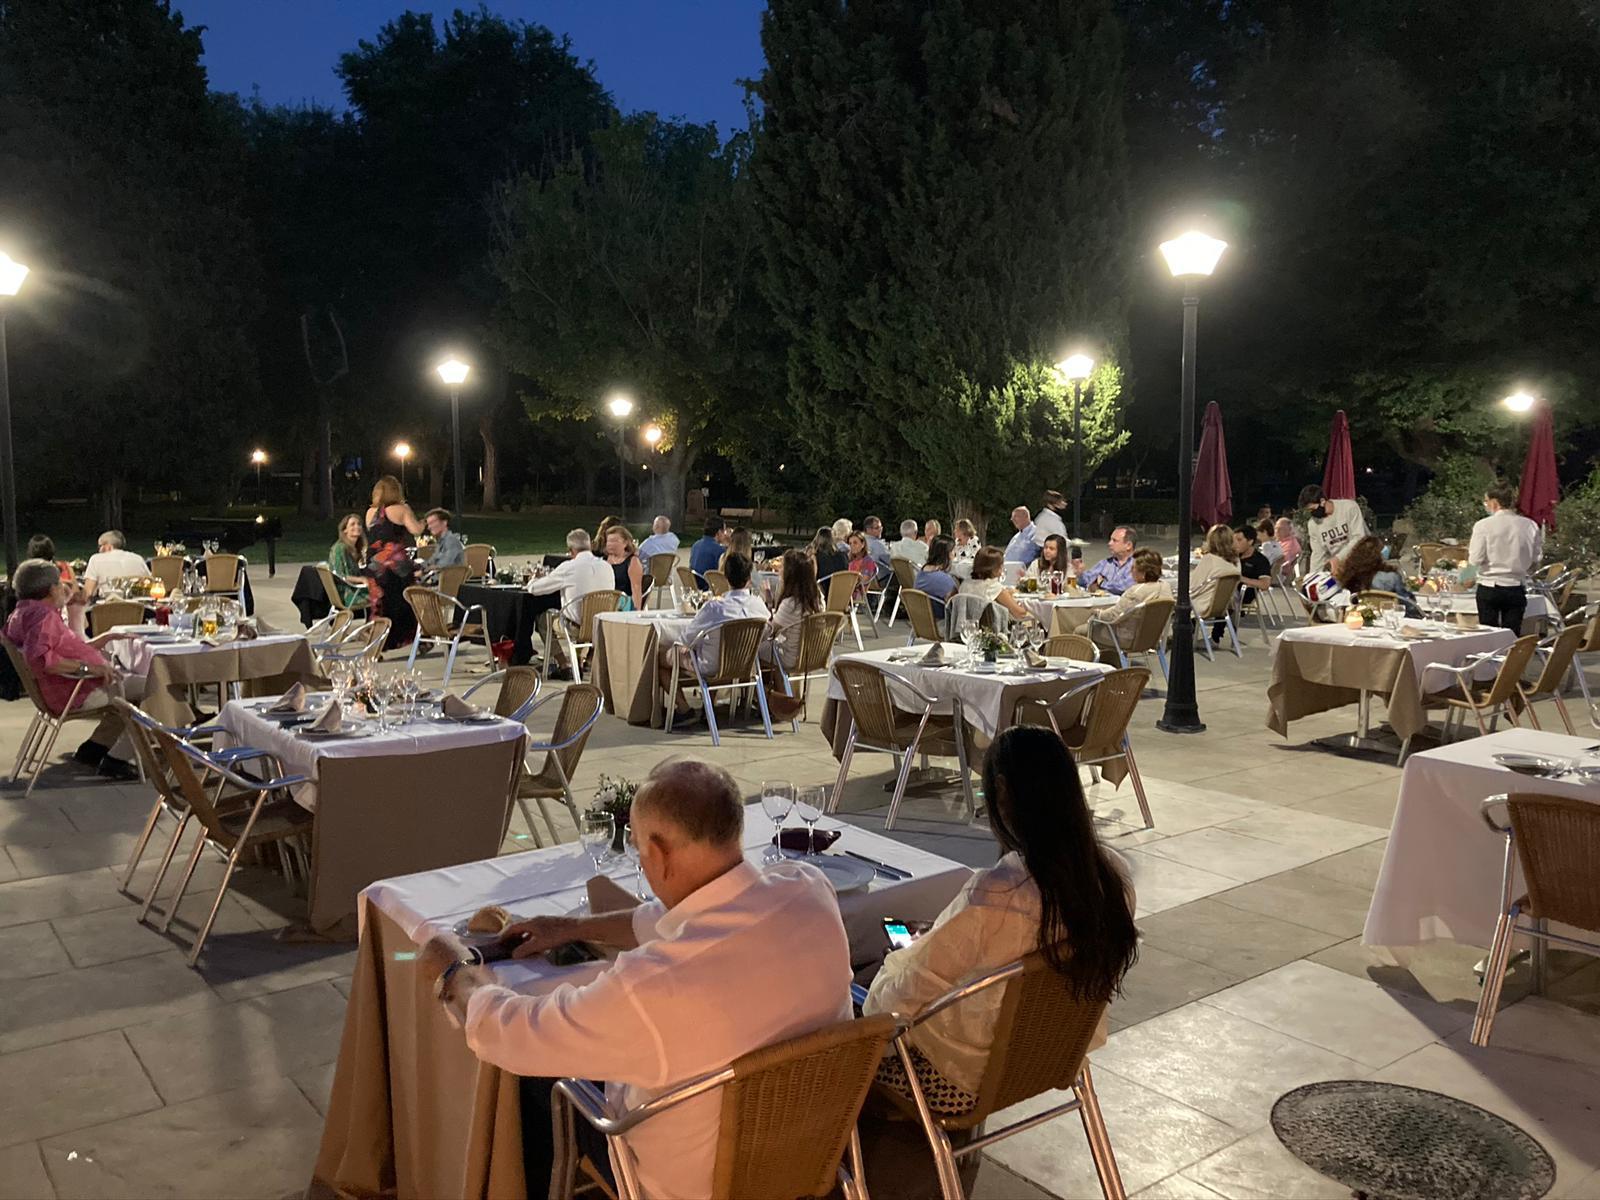 La terraza del restaurante La Raquette, situado en el Chalet de Tenis del Club.